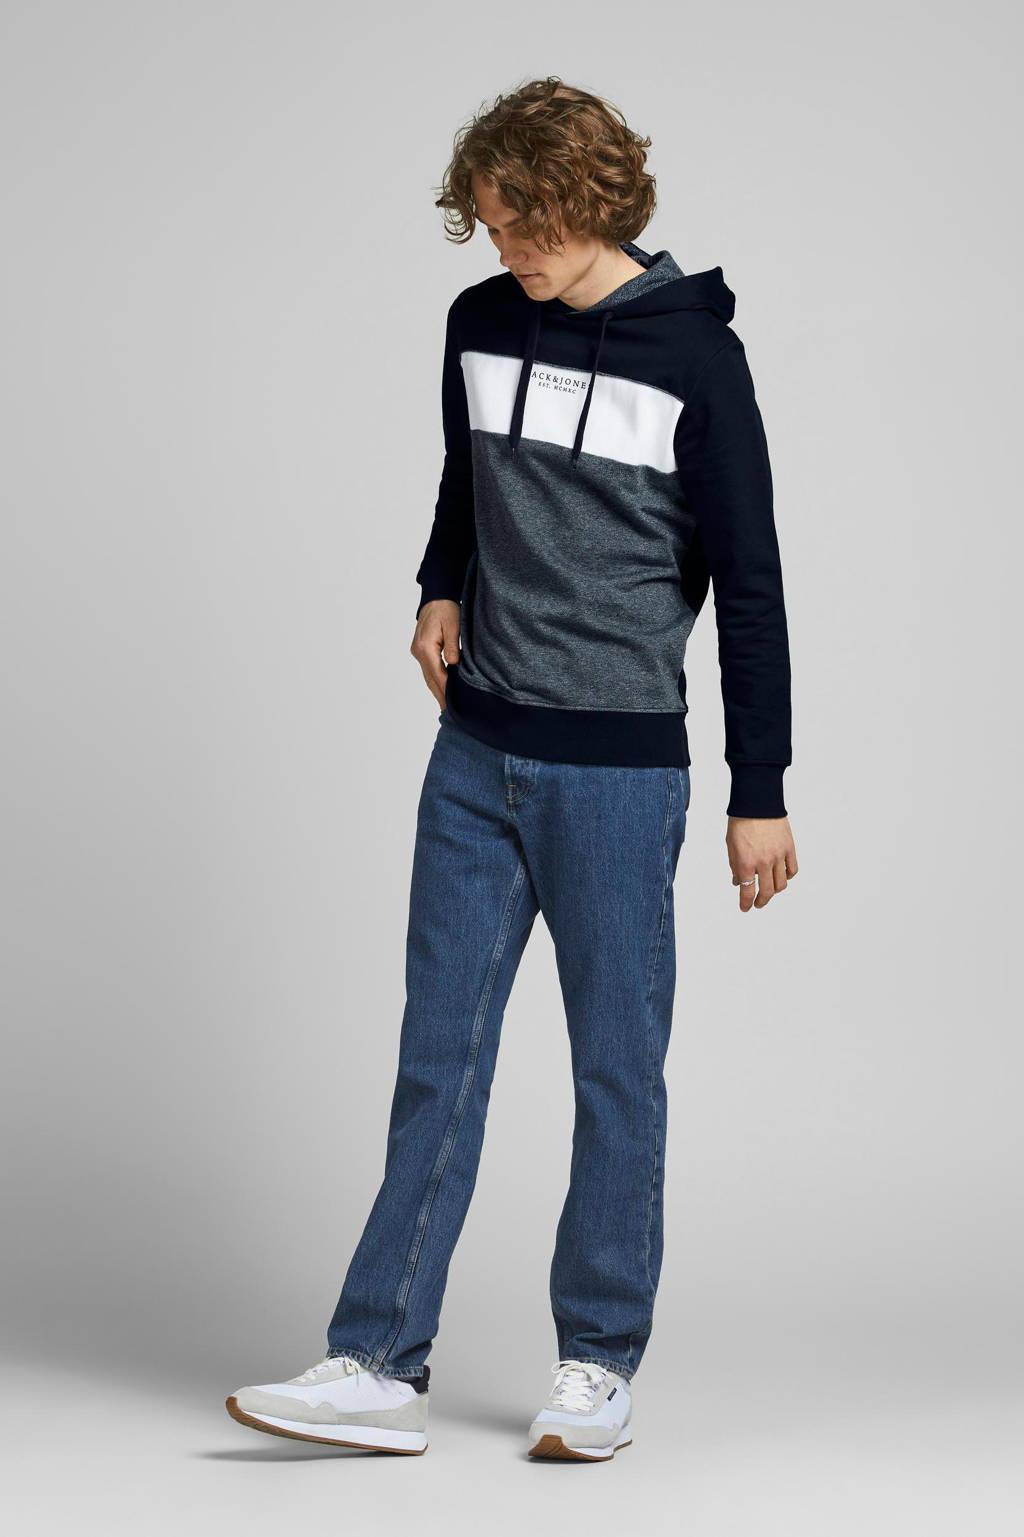 JACK & JONES hoodie JJMONSE navy blazer, Navy Blazer